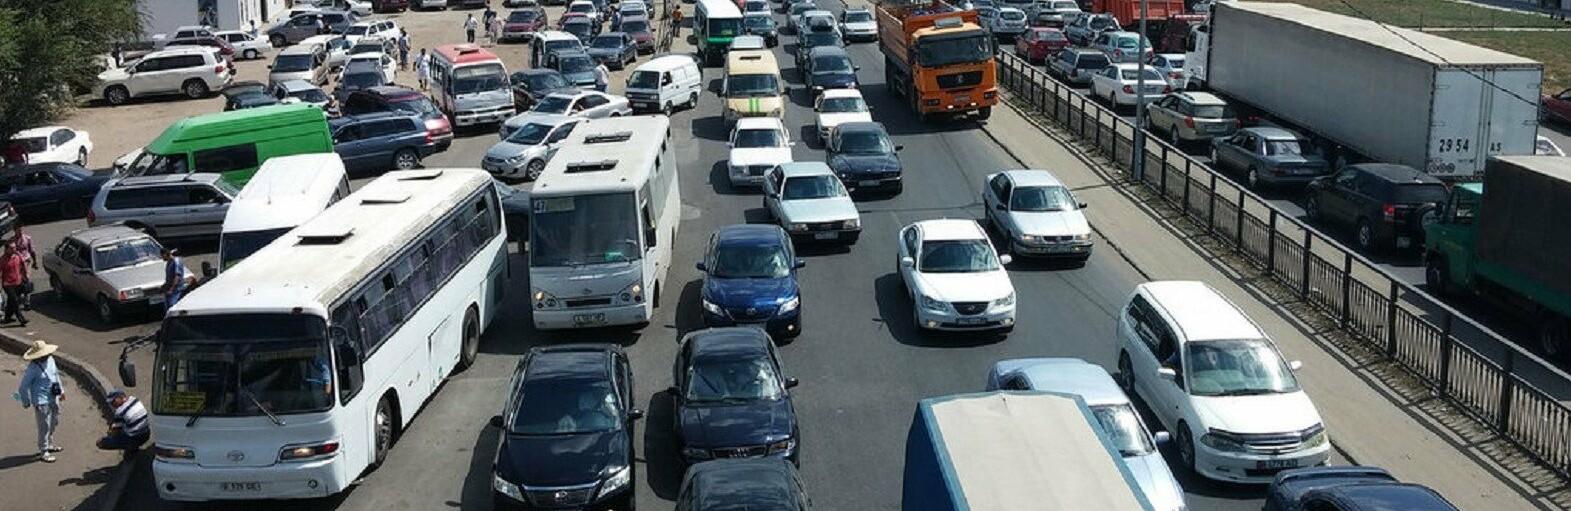 80 км/час на ВОАД и Аль-Фараби оправдано экологически и экономически: мнение автоэксперта